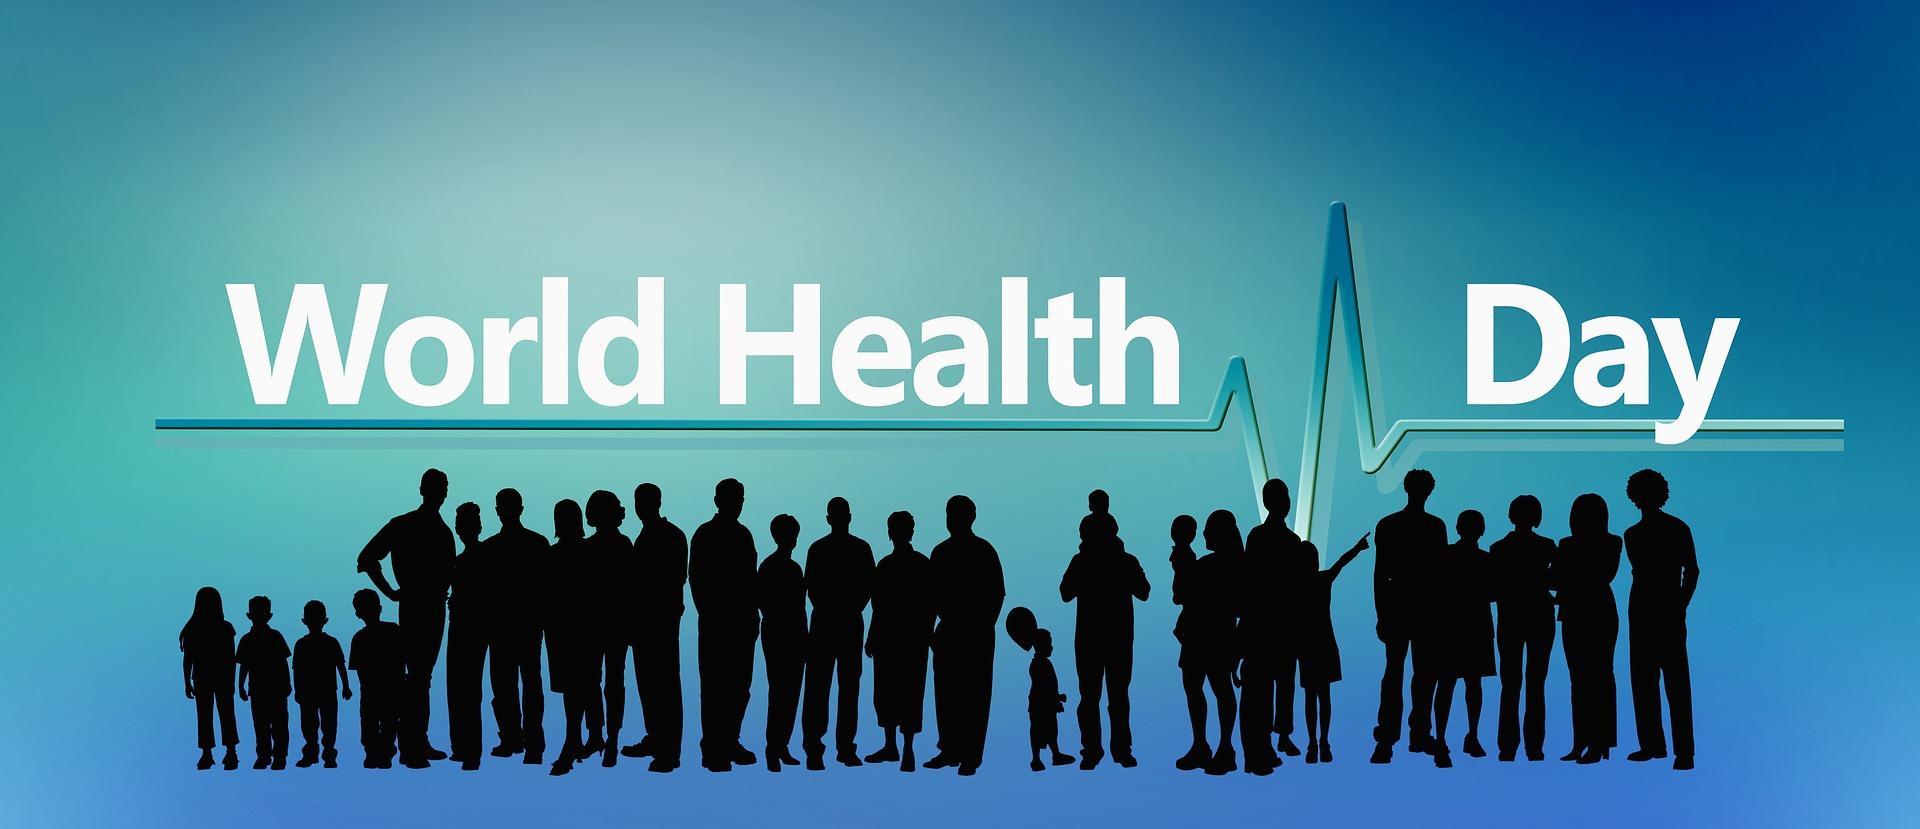 Giornata Mondiale della Salute - World Health Day